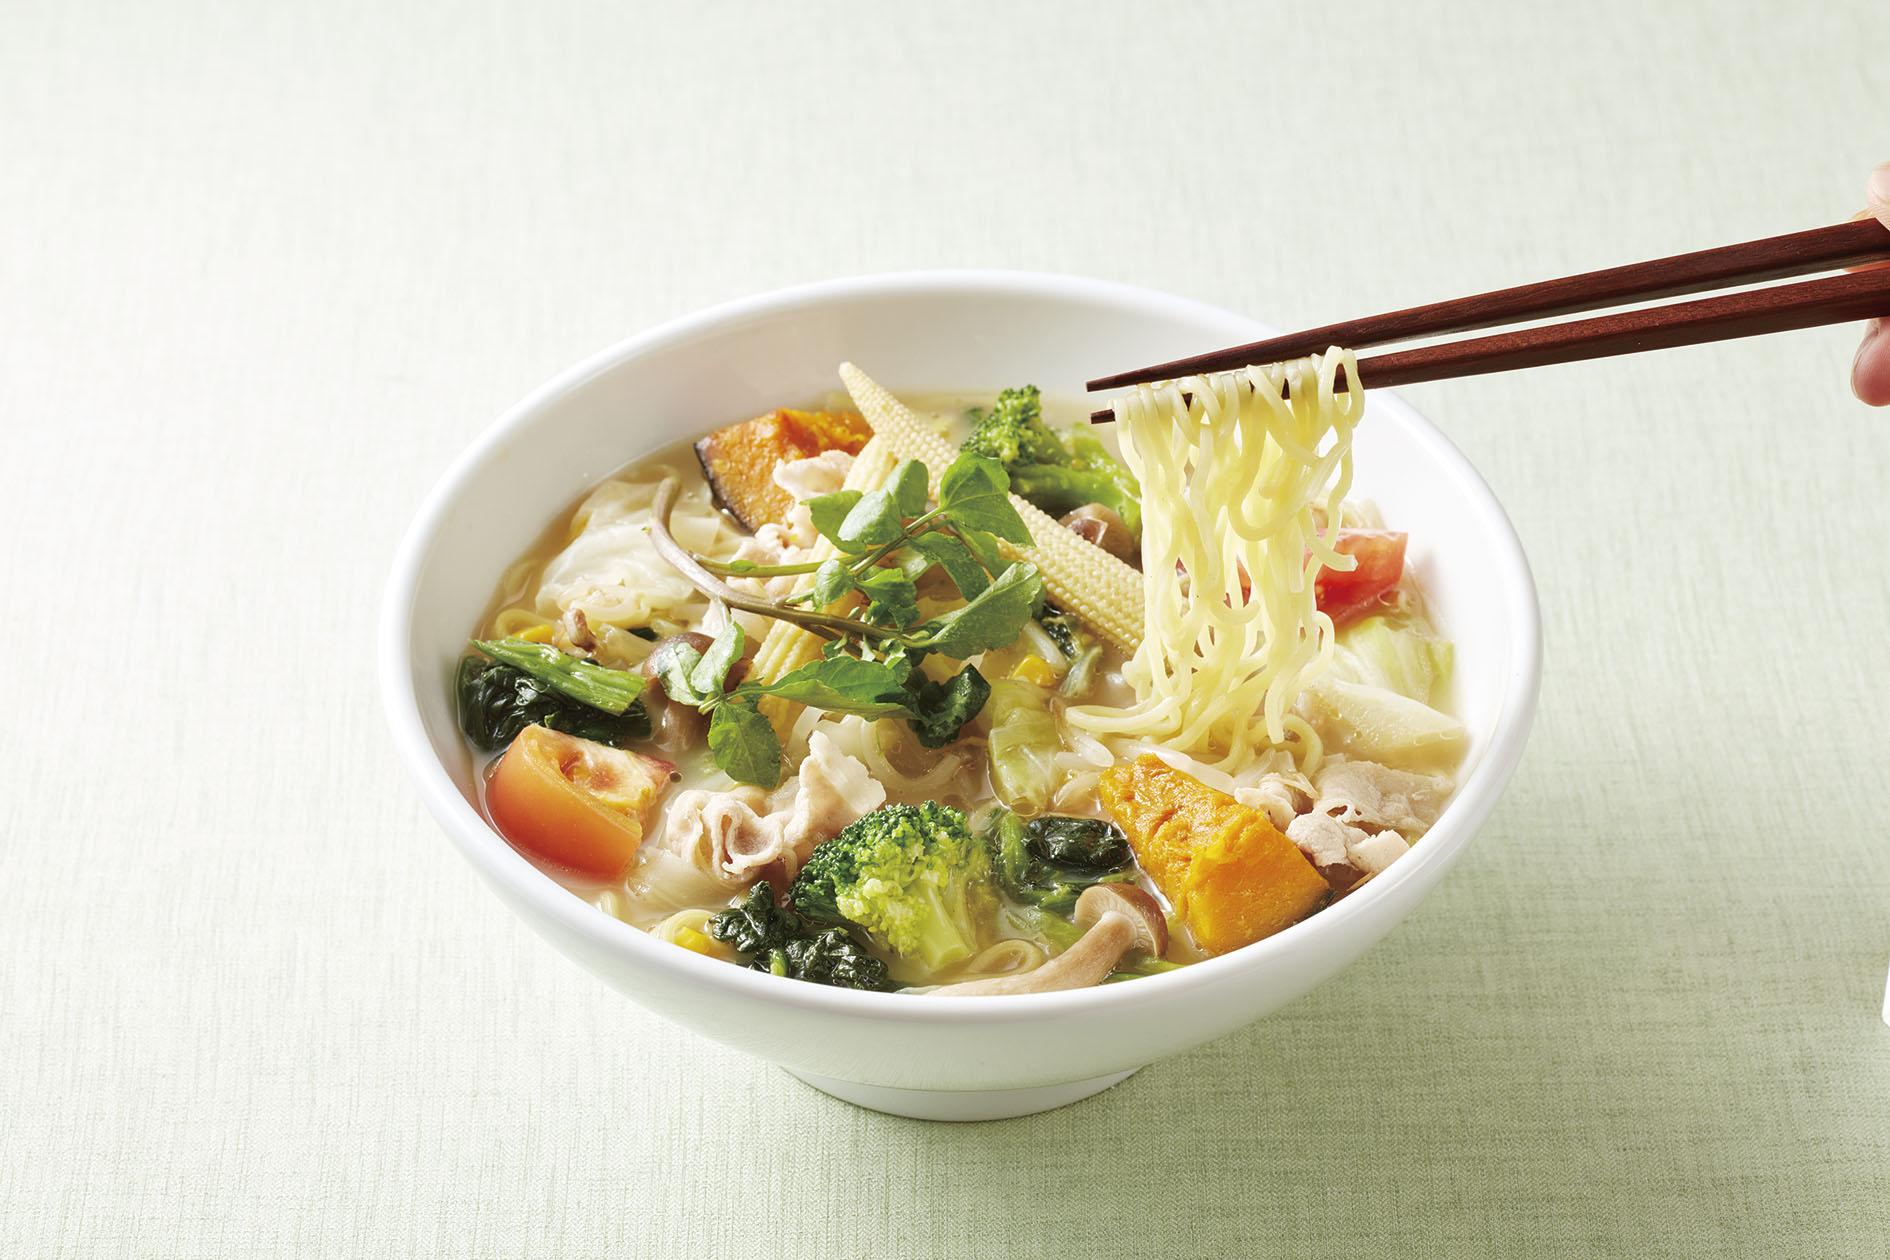 【ジョナサン】1日分の野菜が摂れる!ベジタンメン(糖質0麺に変更)(1)